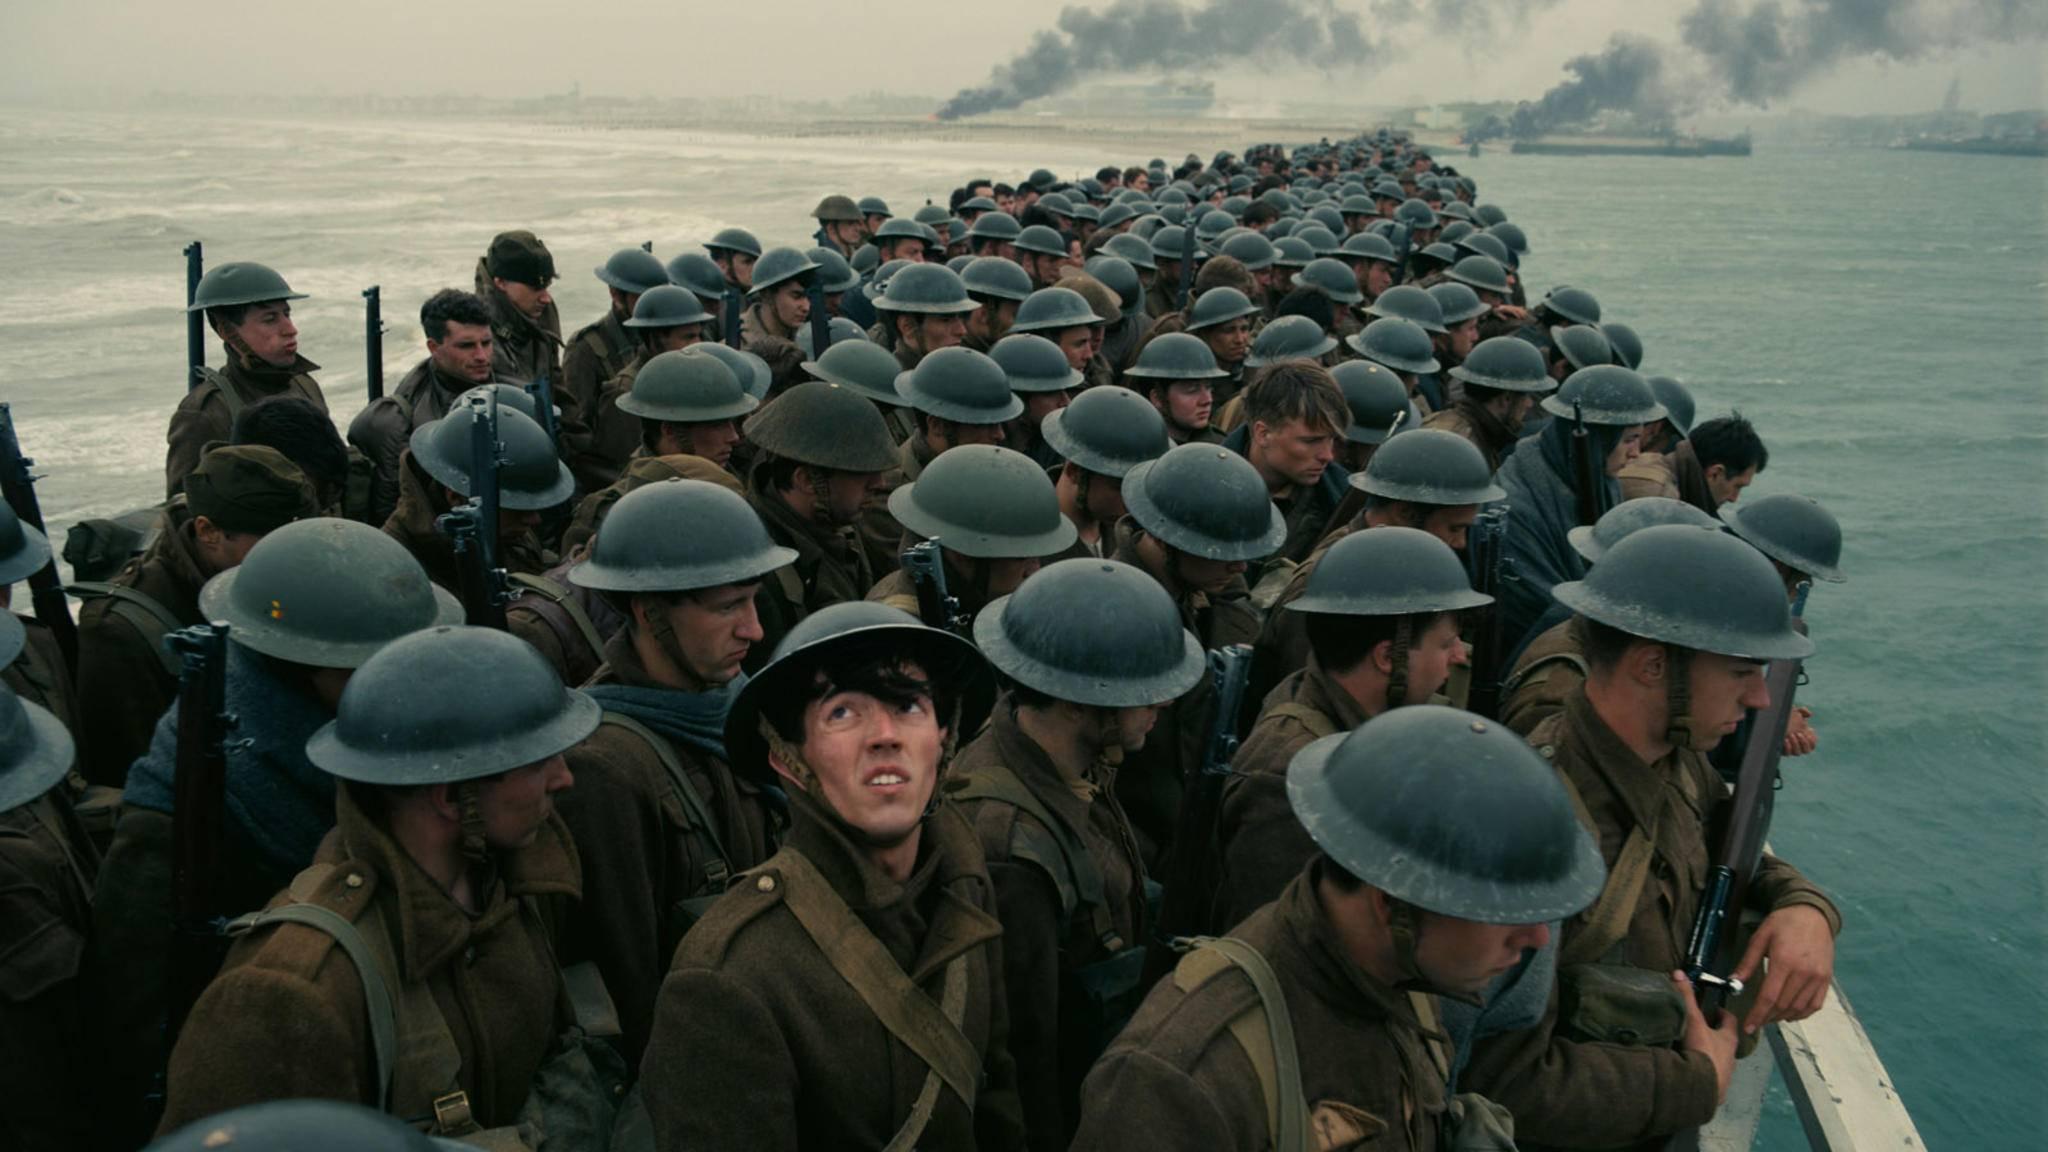 """Auch """"Dunkirk"""" widmet sich wahren Geschehnissen im Zweiten Weltkrieg."""